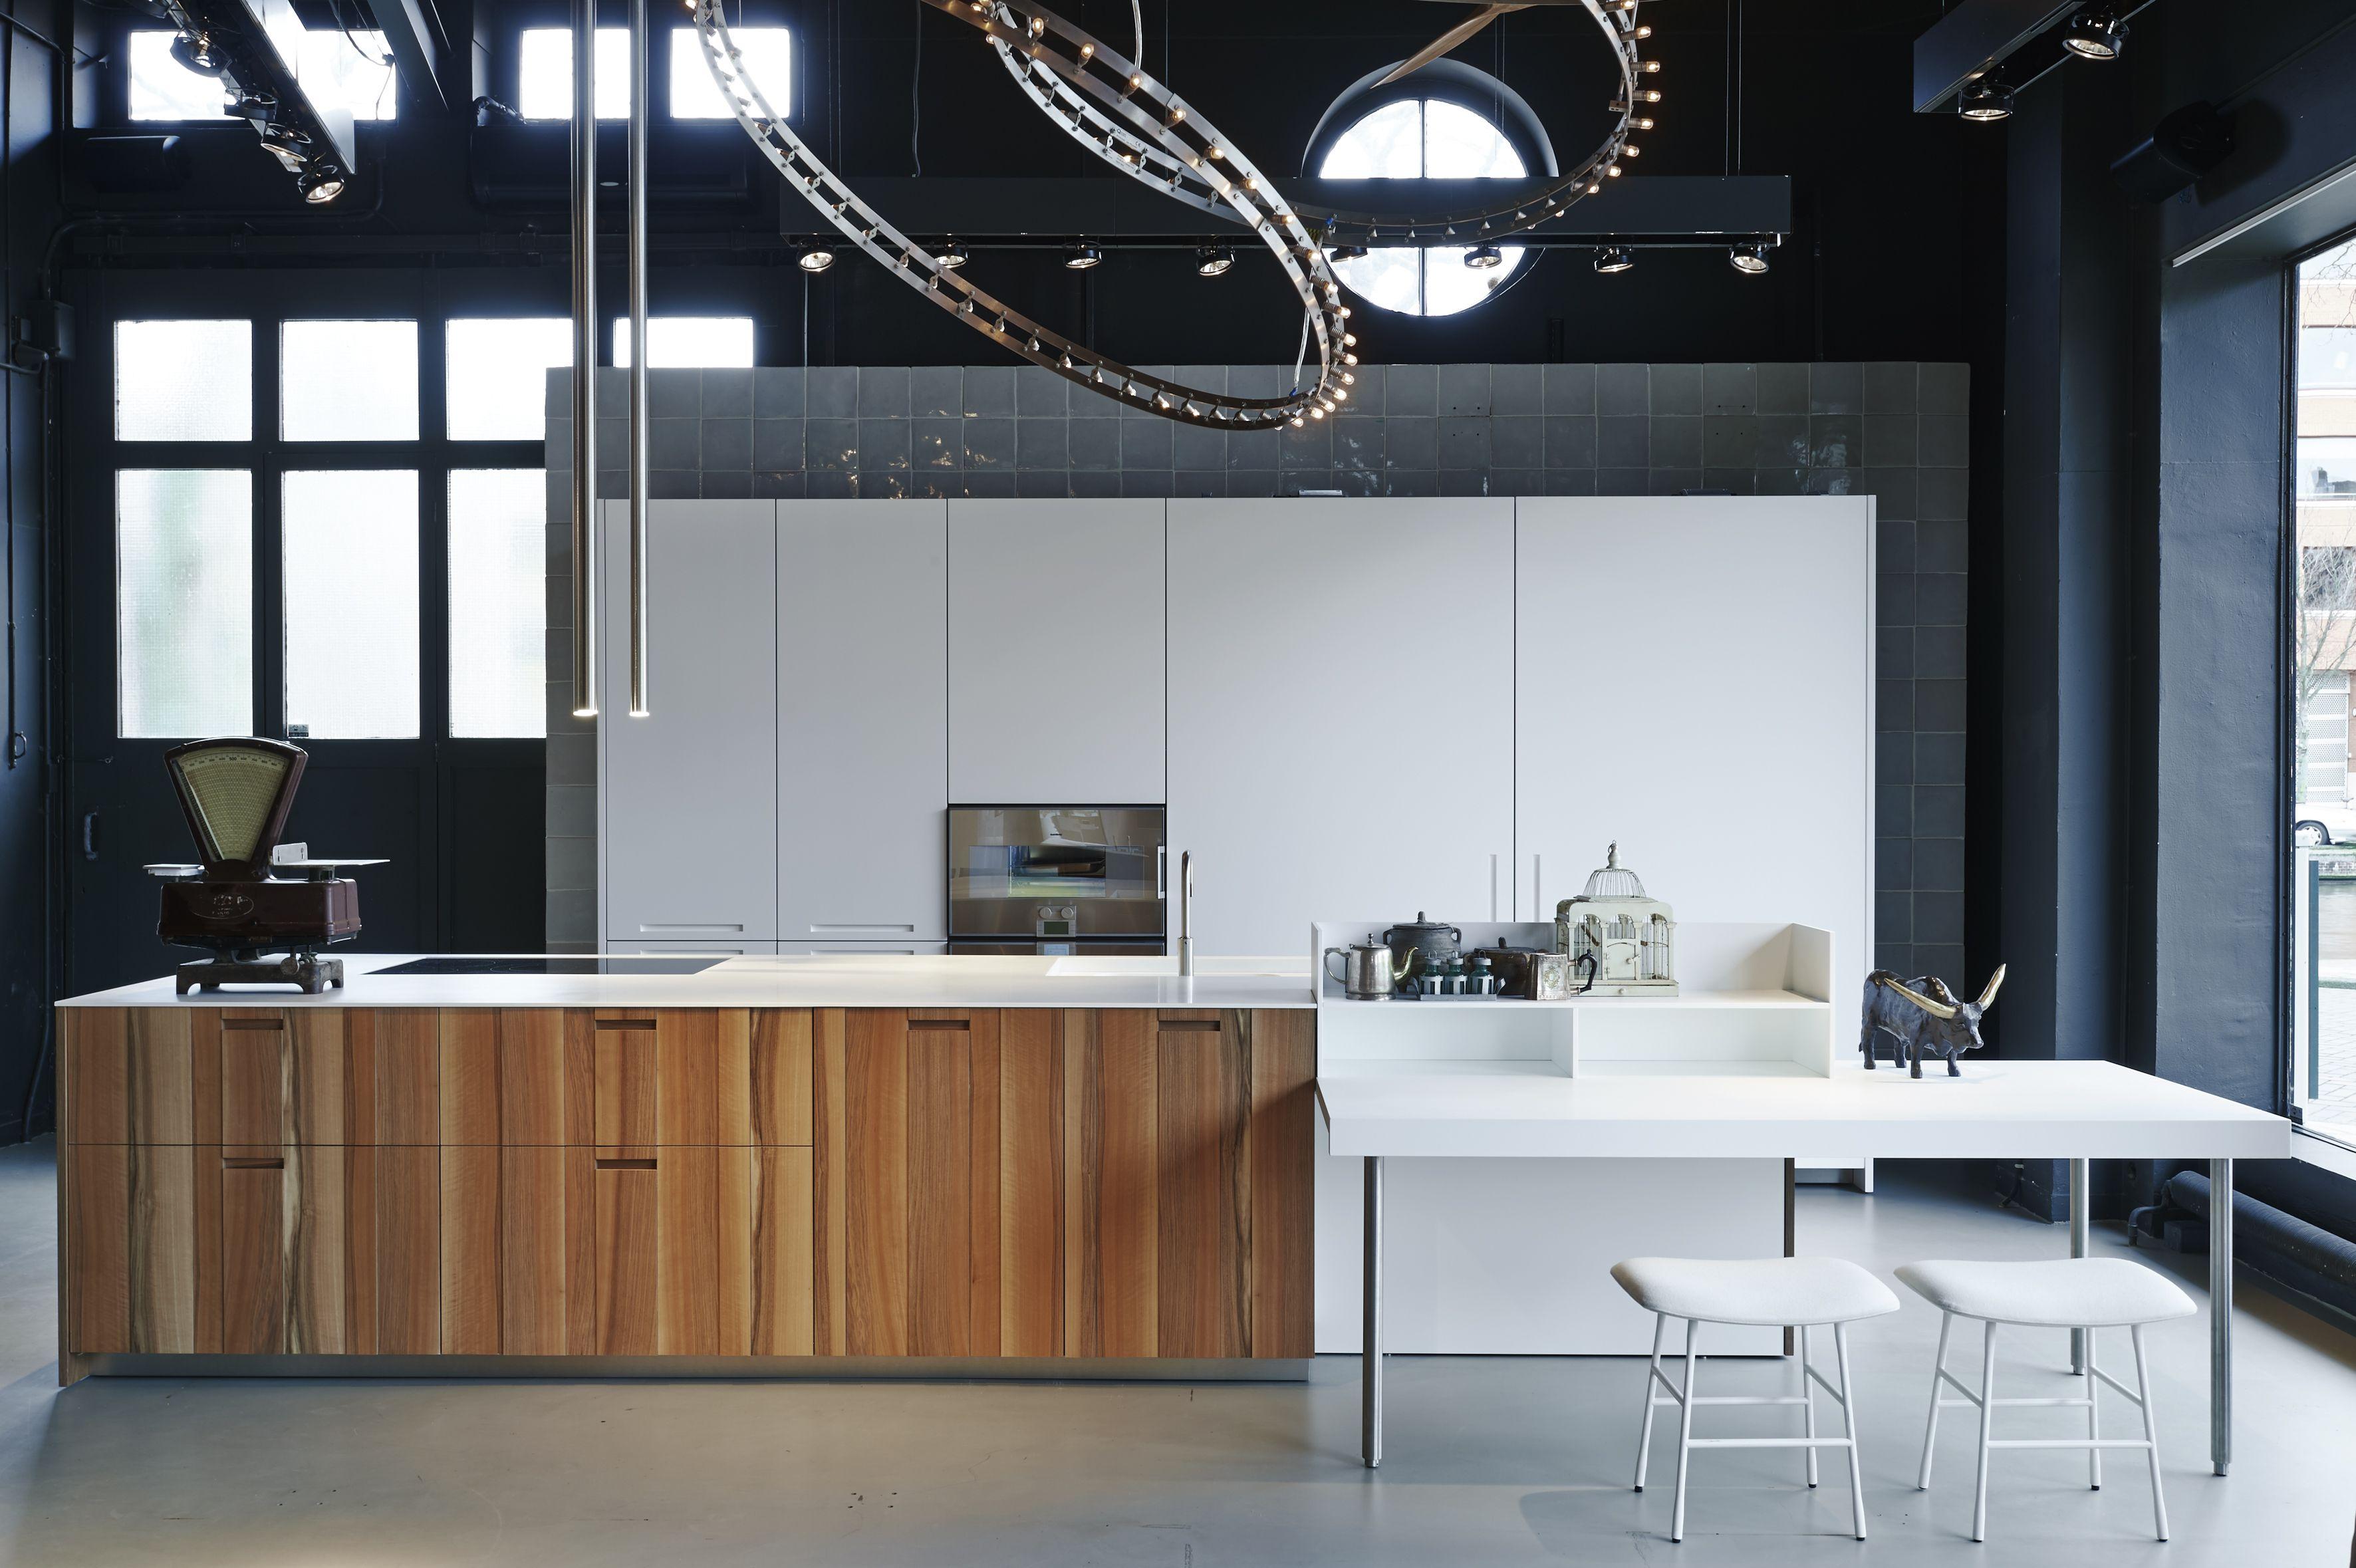 boffi kitchens melbourne wow blog. Black Bedroom Furniture Sets. Home Design Ideas